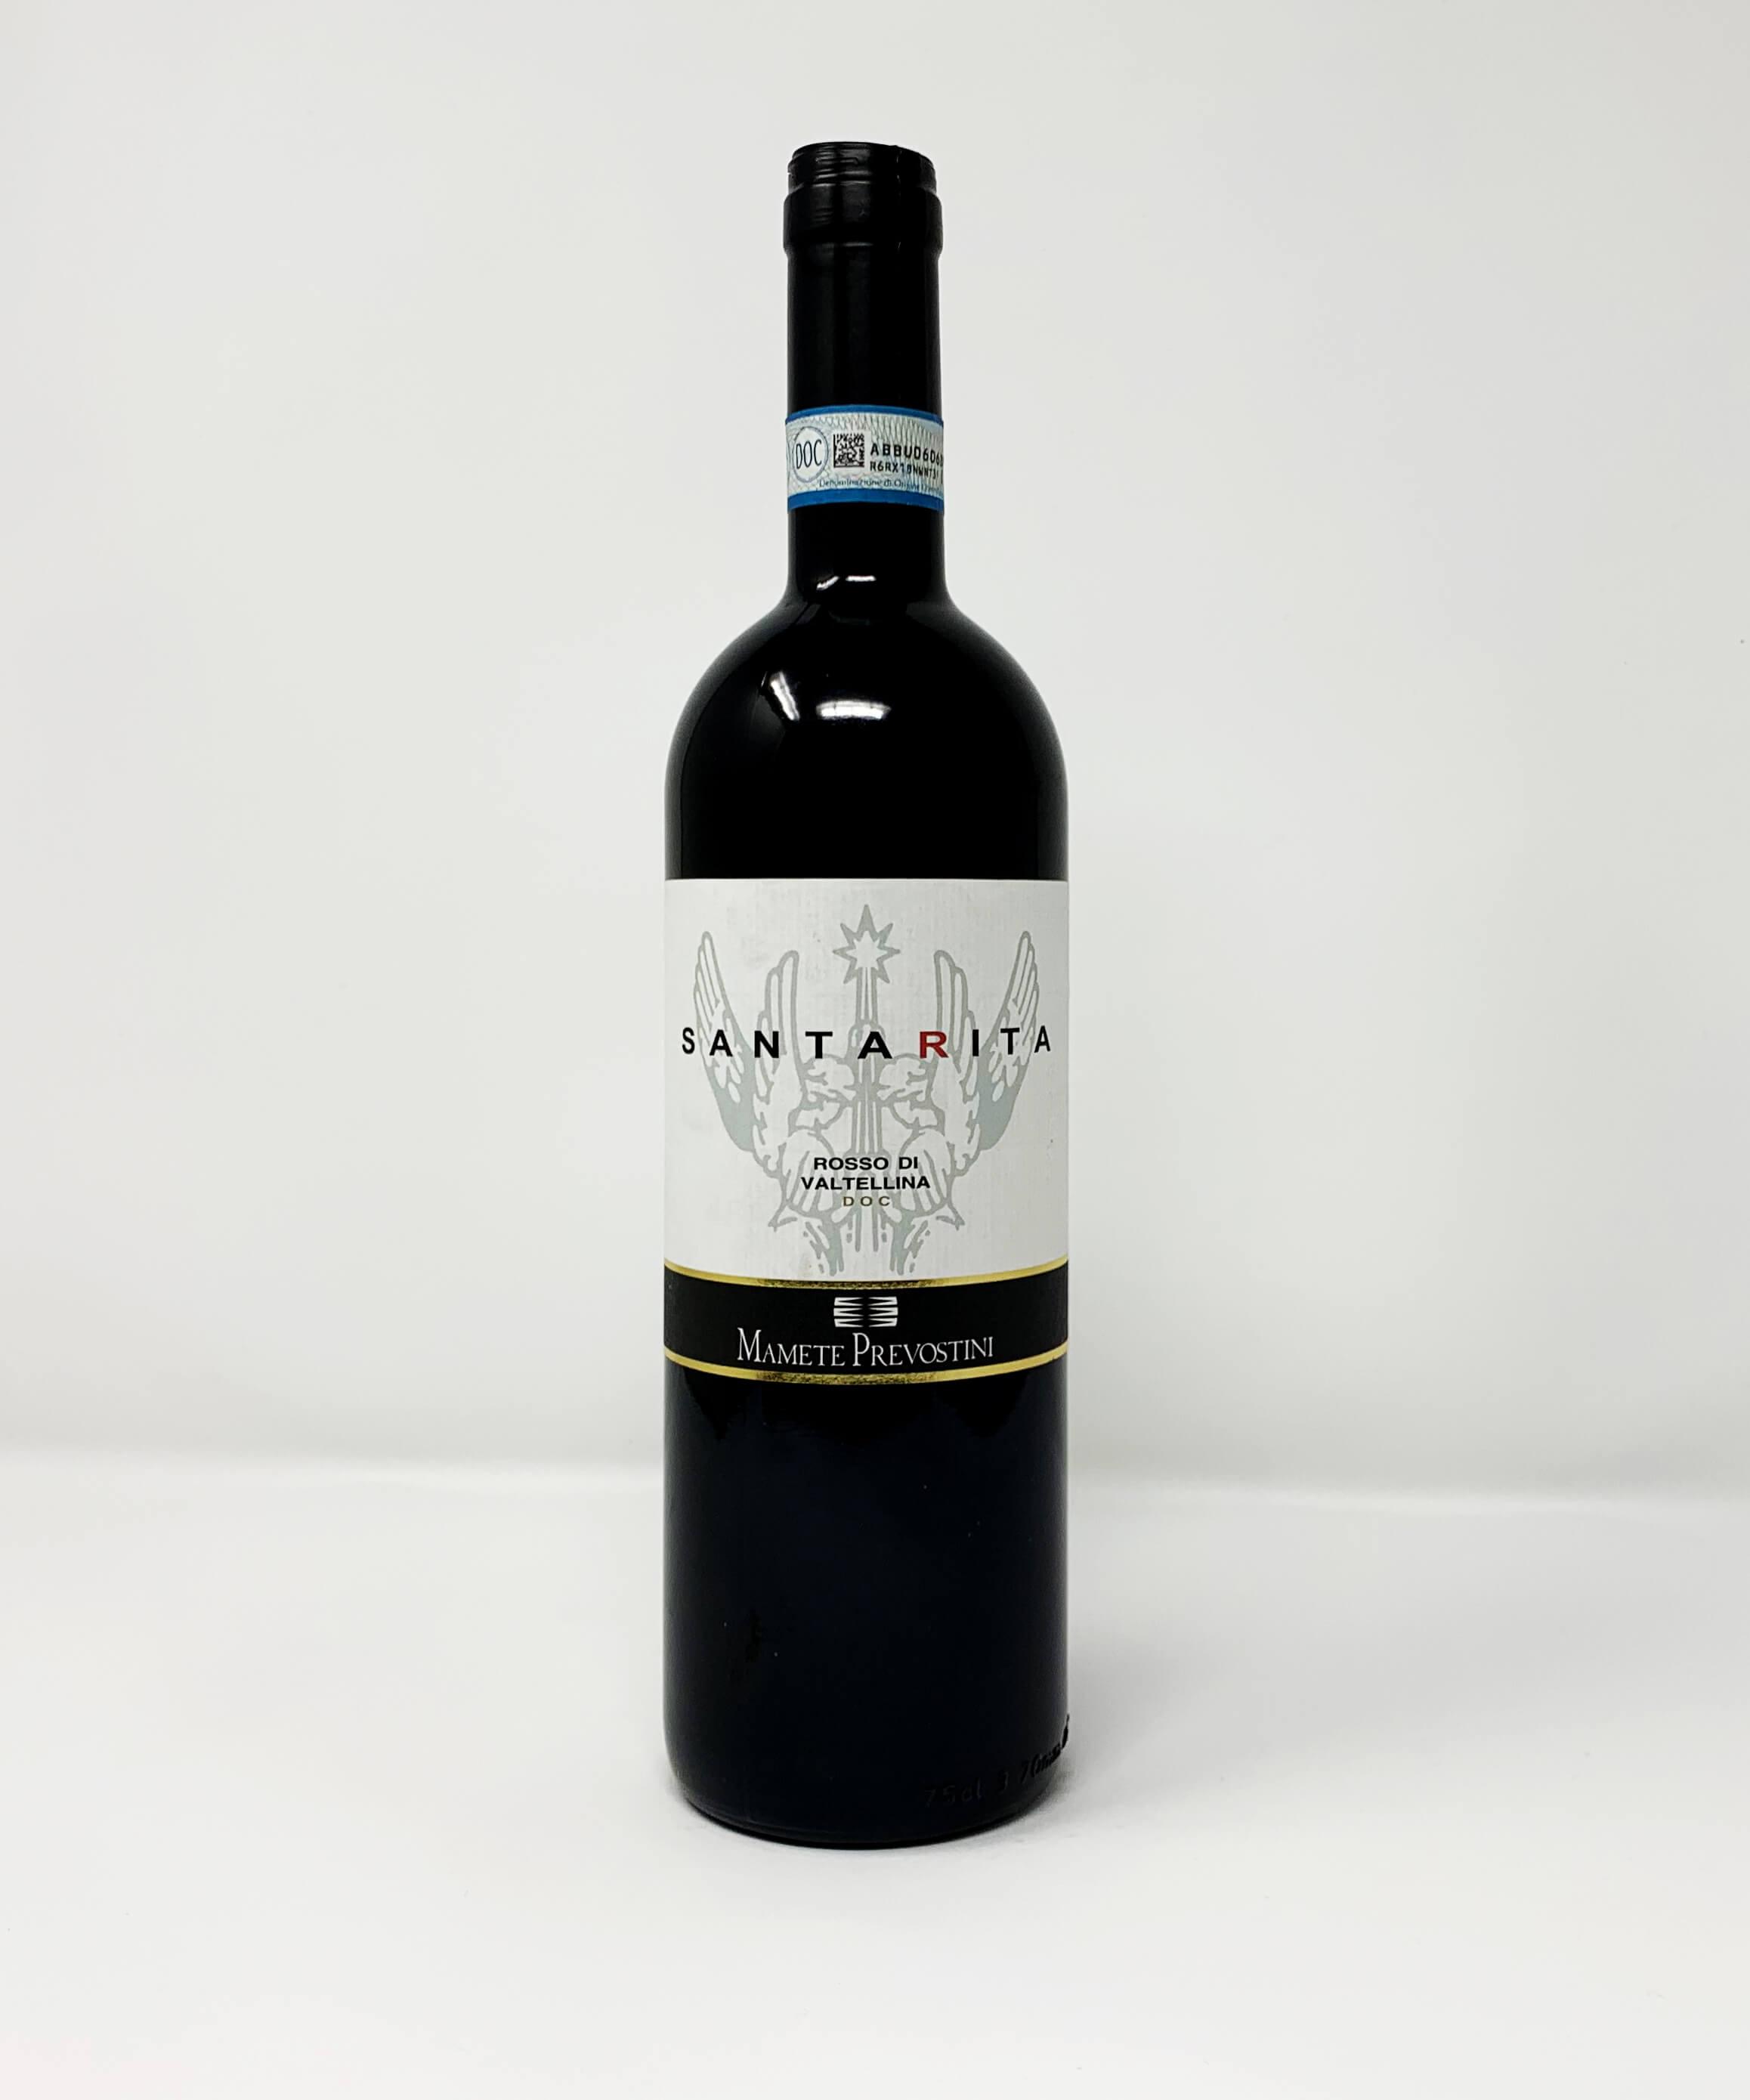 Mamete Prevostini, Santa Rita, Valtellina, Nebbiolo DOC